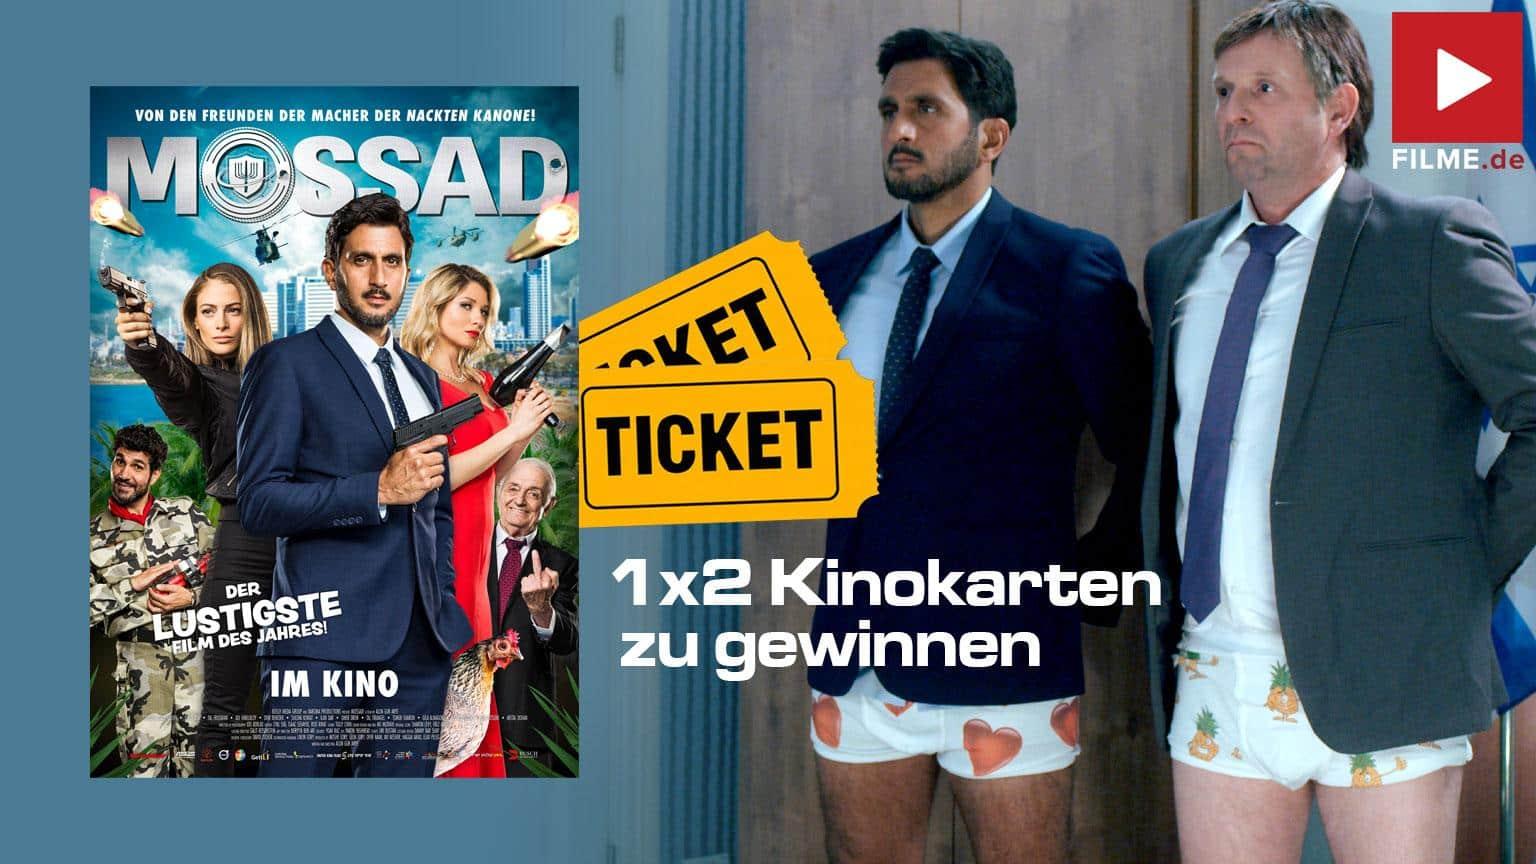 Mossad Film 2020 Gewinnspiel shop kaufen Artikelbild Kinostart